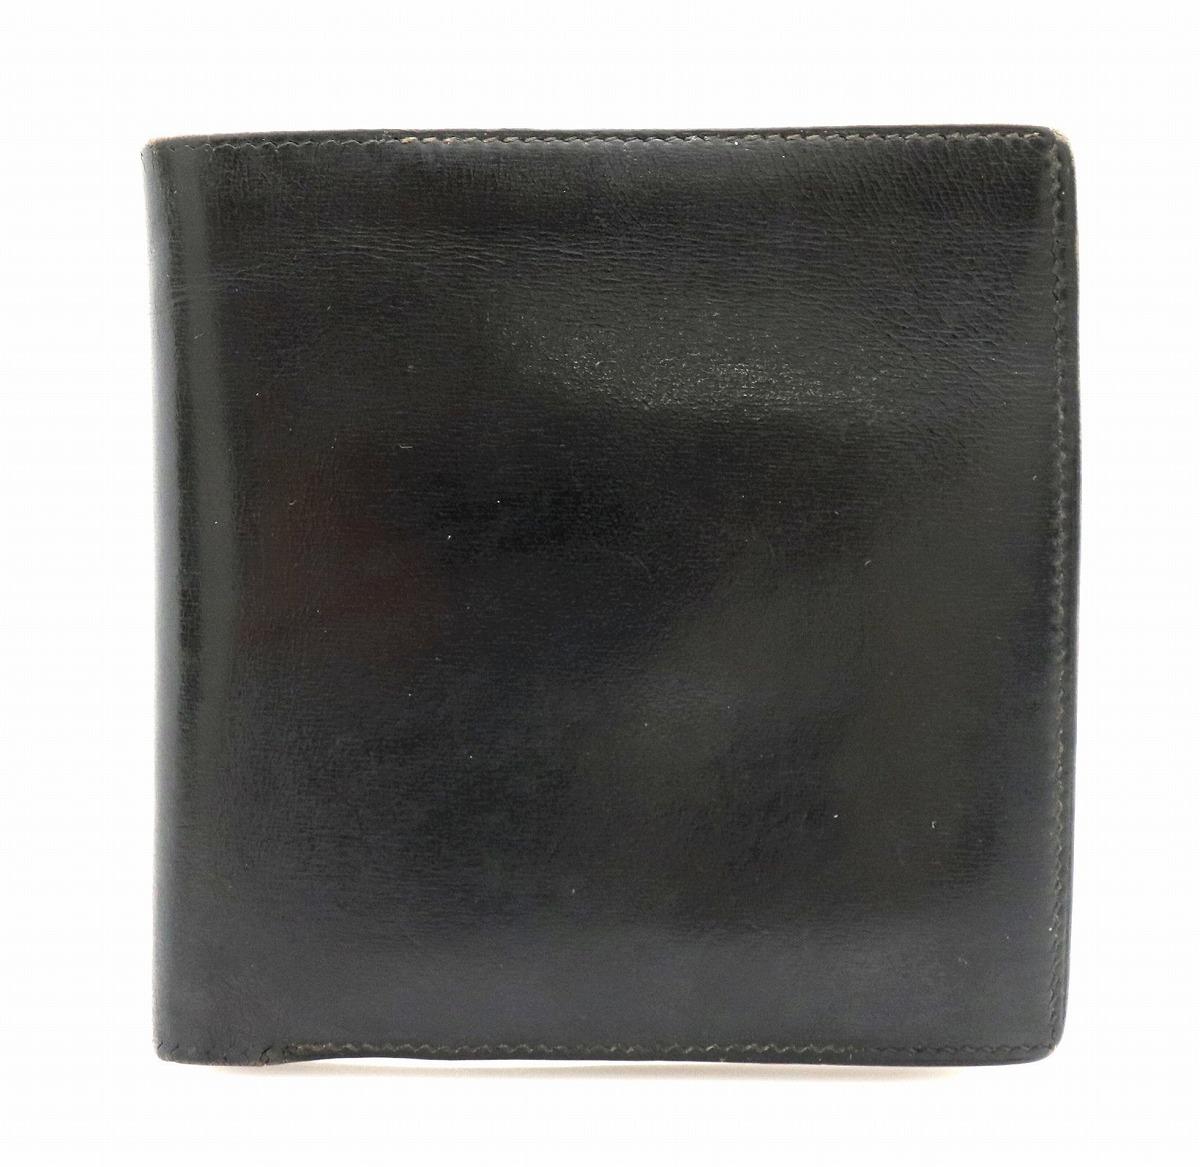 【財布】HERMES エルメス 二つ折り財布 コインケース 小銭入れ レザー 黒 ブラック 〇T刻印 【中古】【k】